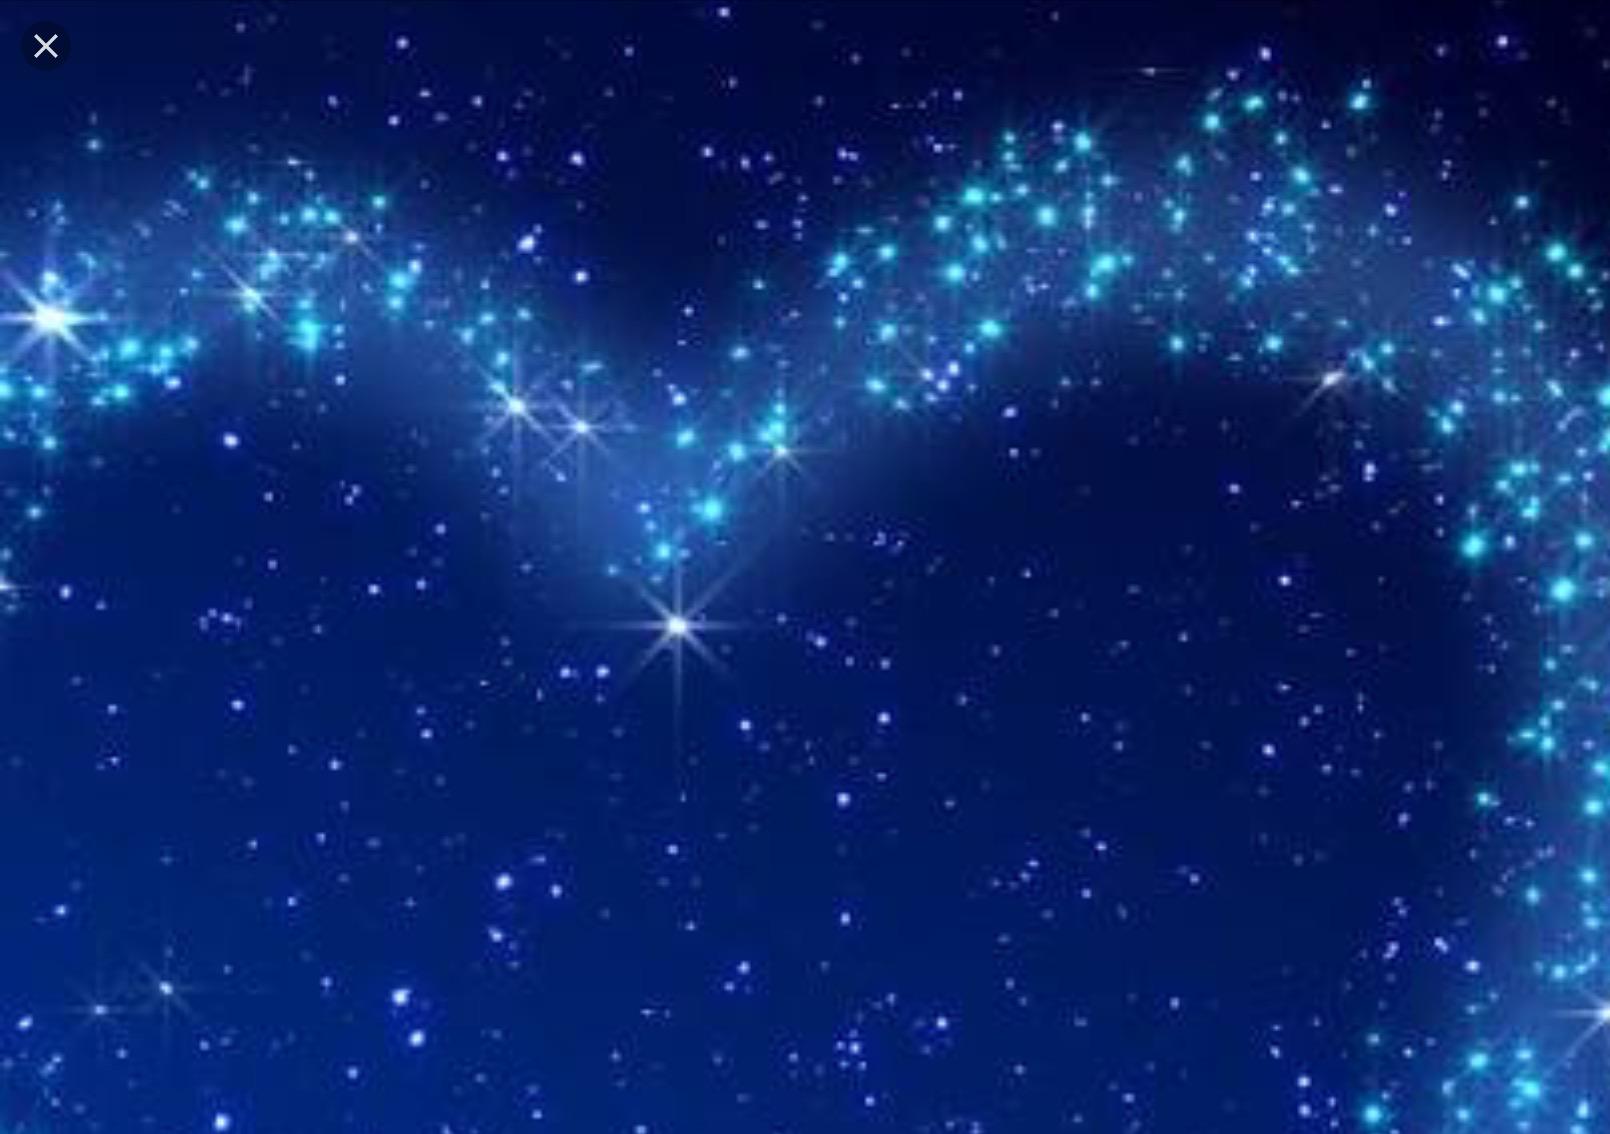 Летием картинка, анимация звезда на небе